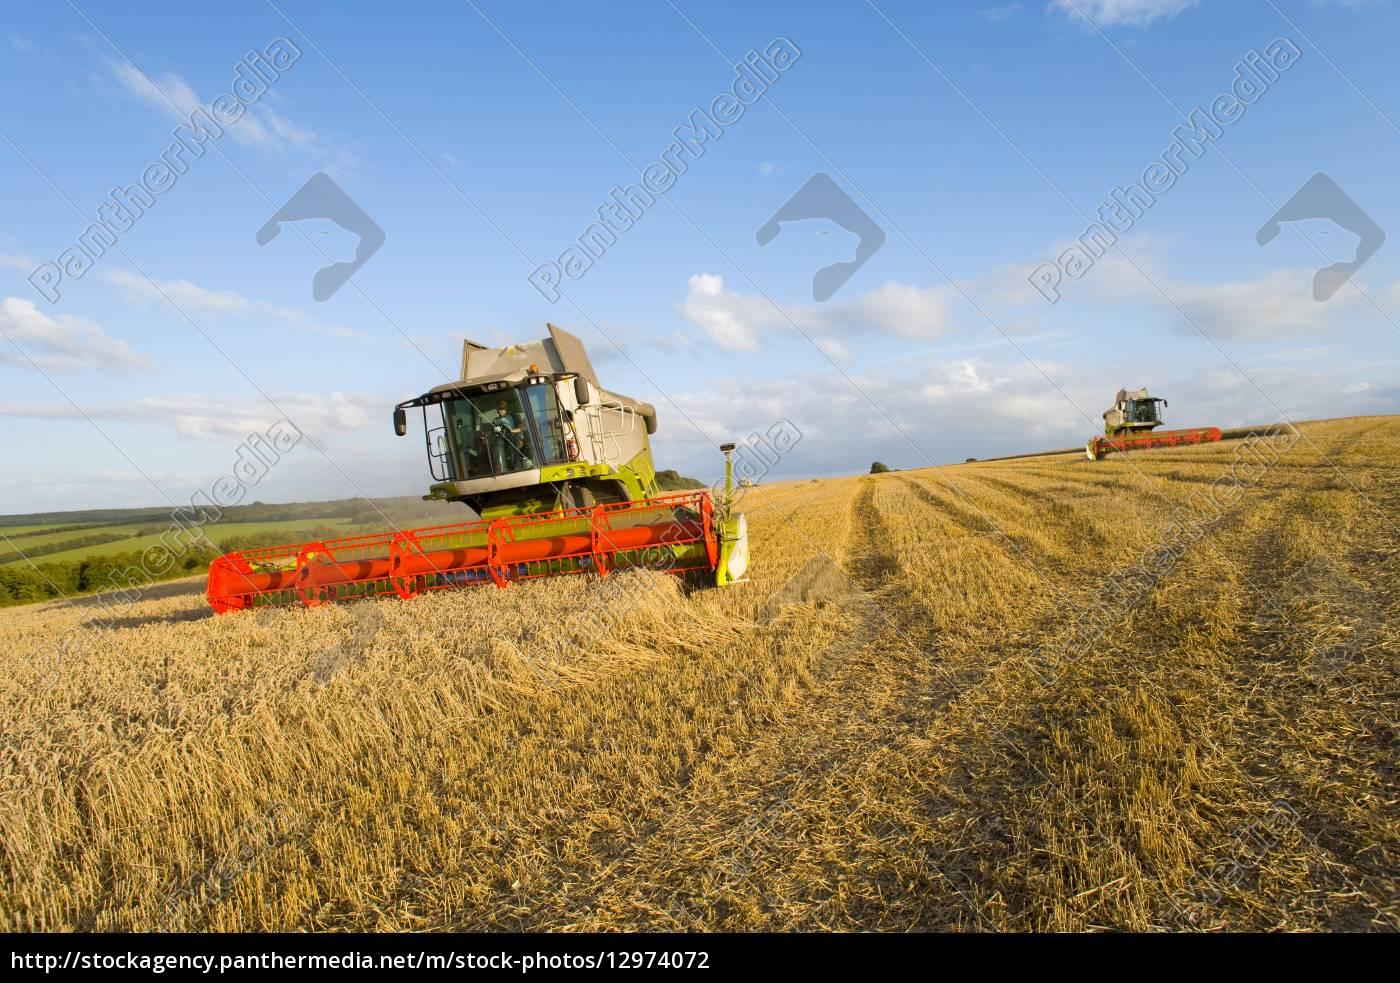 trigo, de, la, cosecha, en, el - 12974072